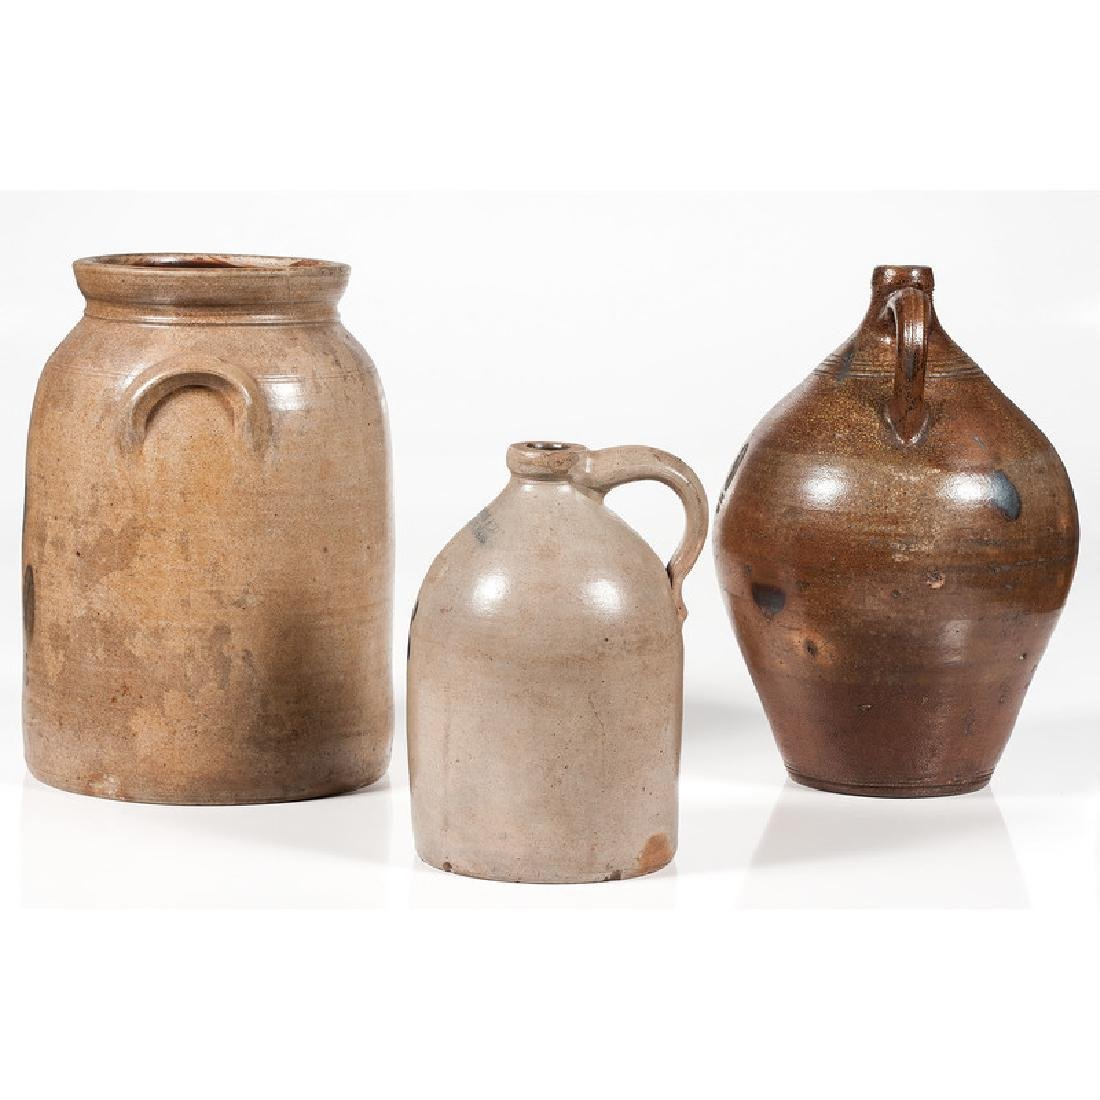 Stoneware Jugs and Crock - 2